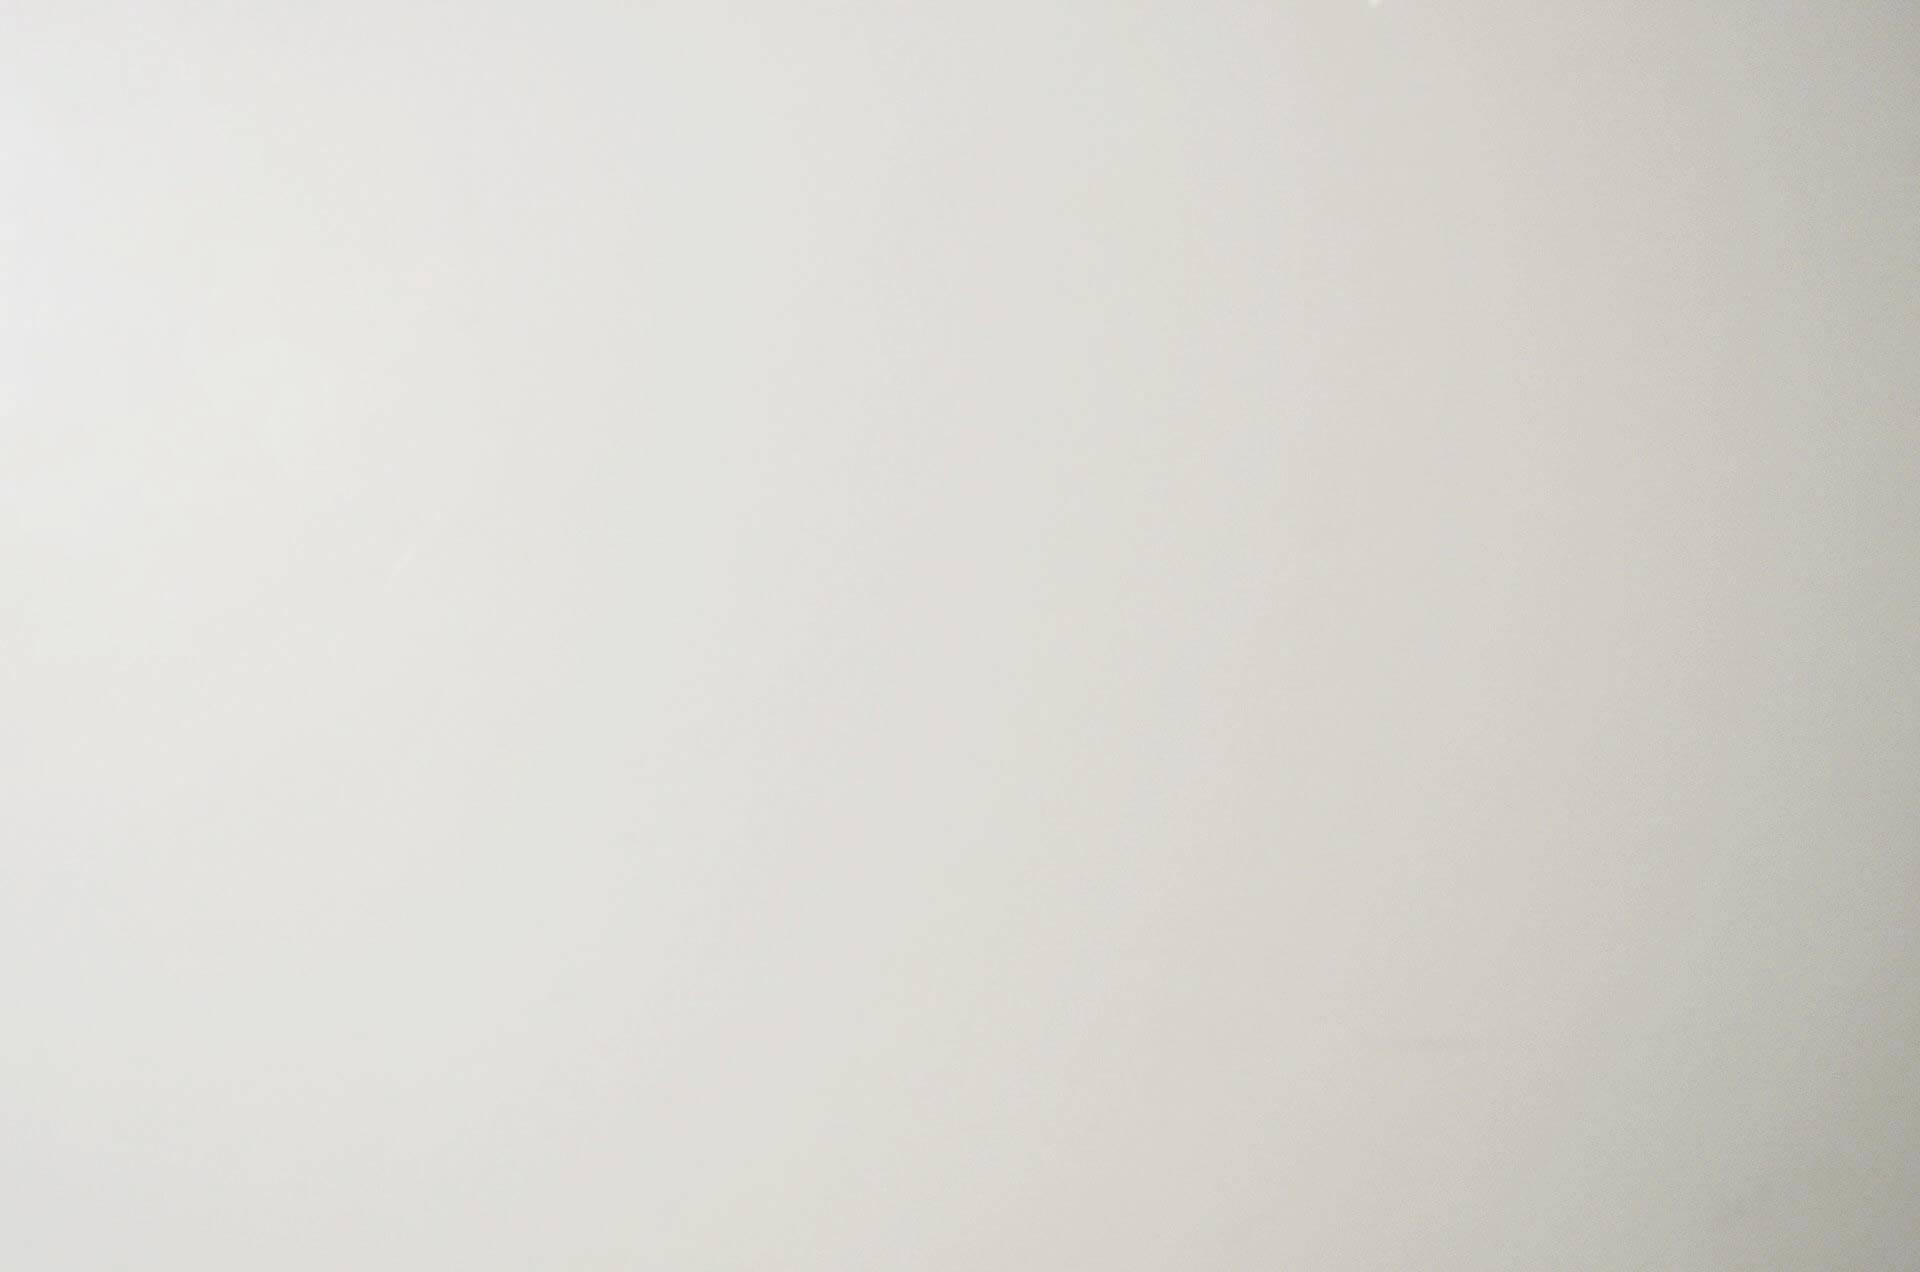 Thassos White фото 1 — камень от Bevers Marmyr